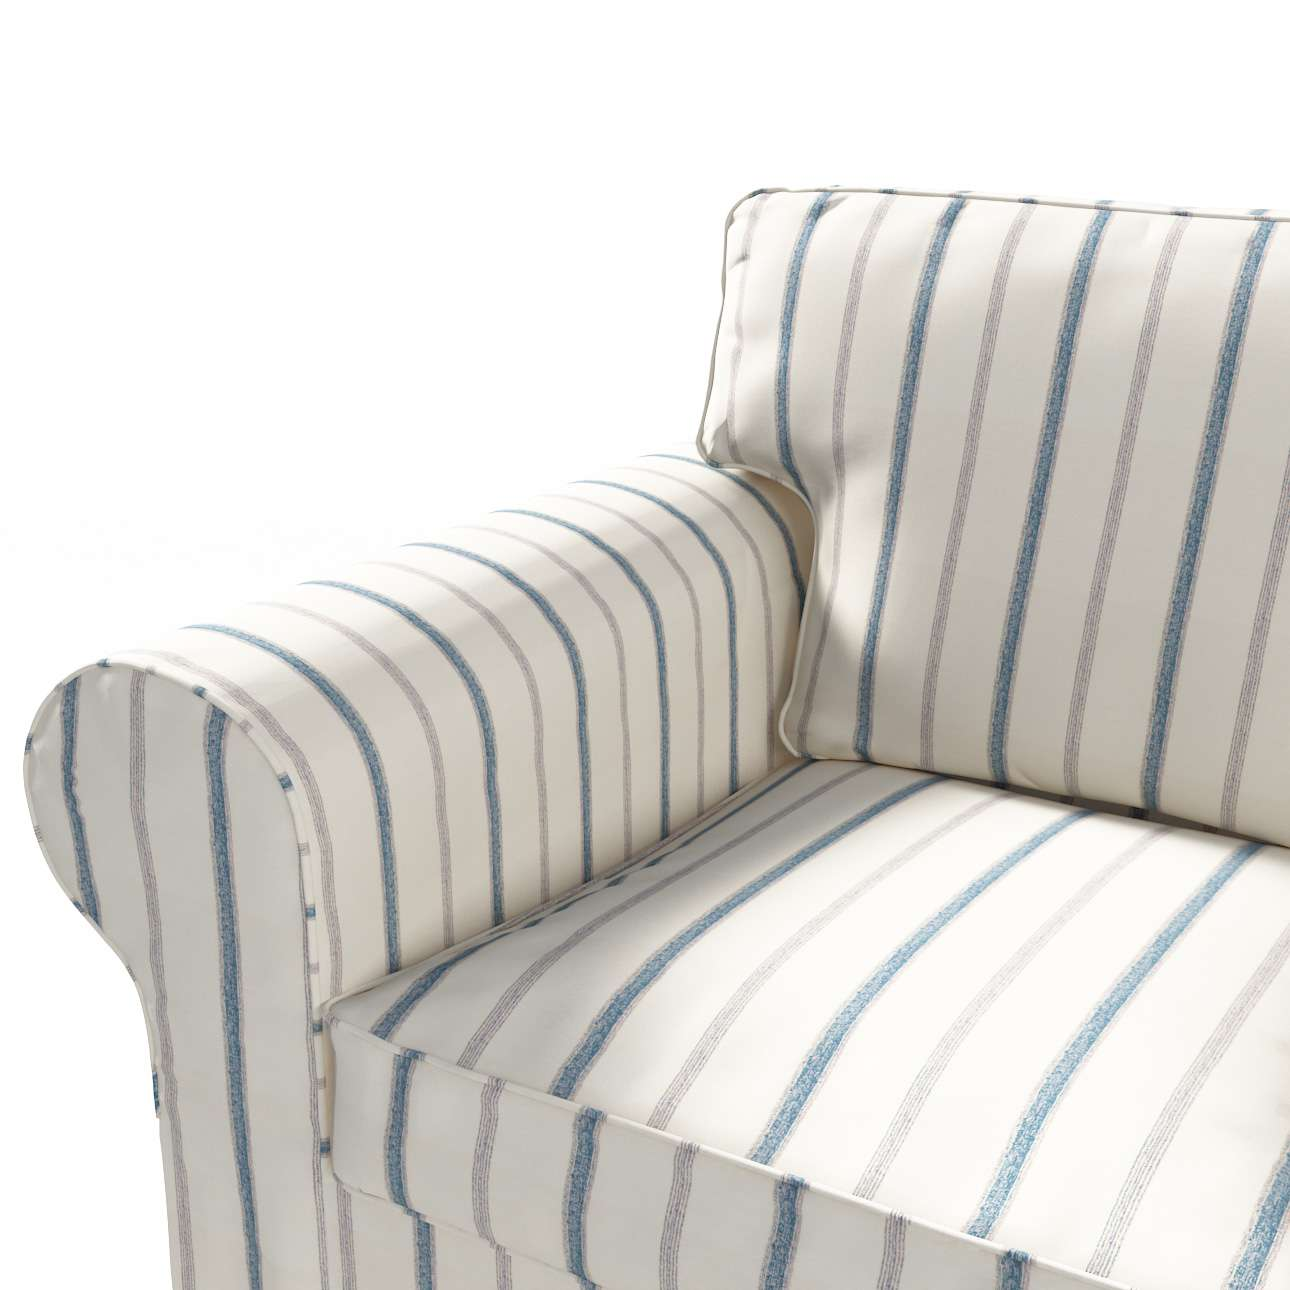 Ektorp 3-Sitzer Sofabezug nicht ausklappbar Sofabezug für  Ektorp 3-Sitzer nicht ausklappbar von der Kollektion Avinon, Stoff: 129-66